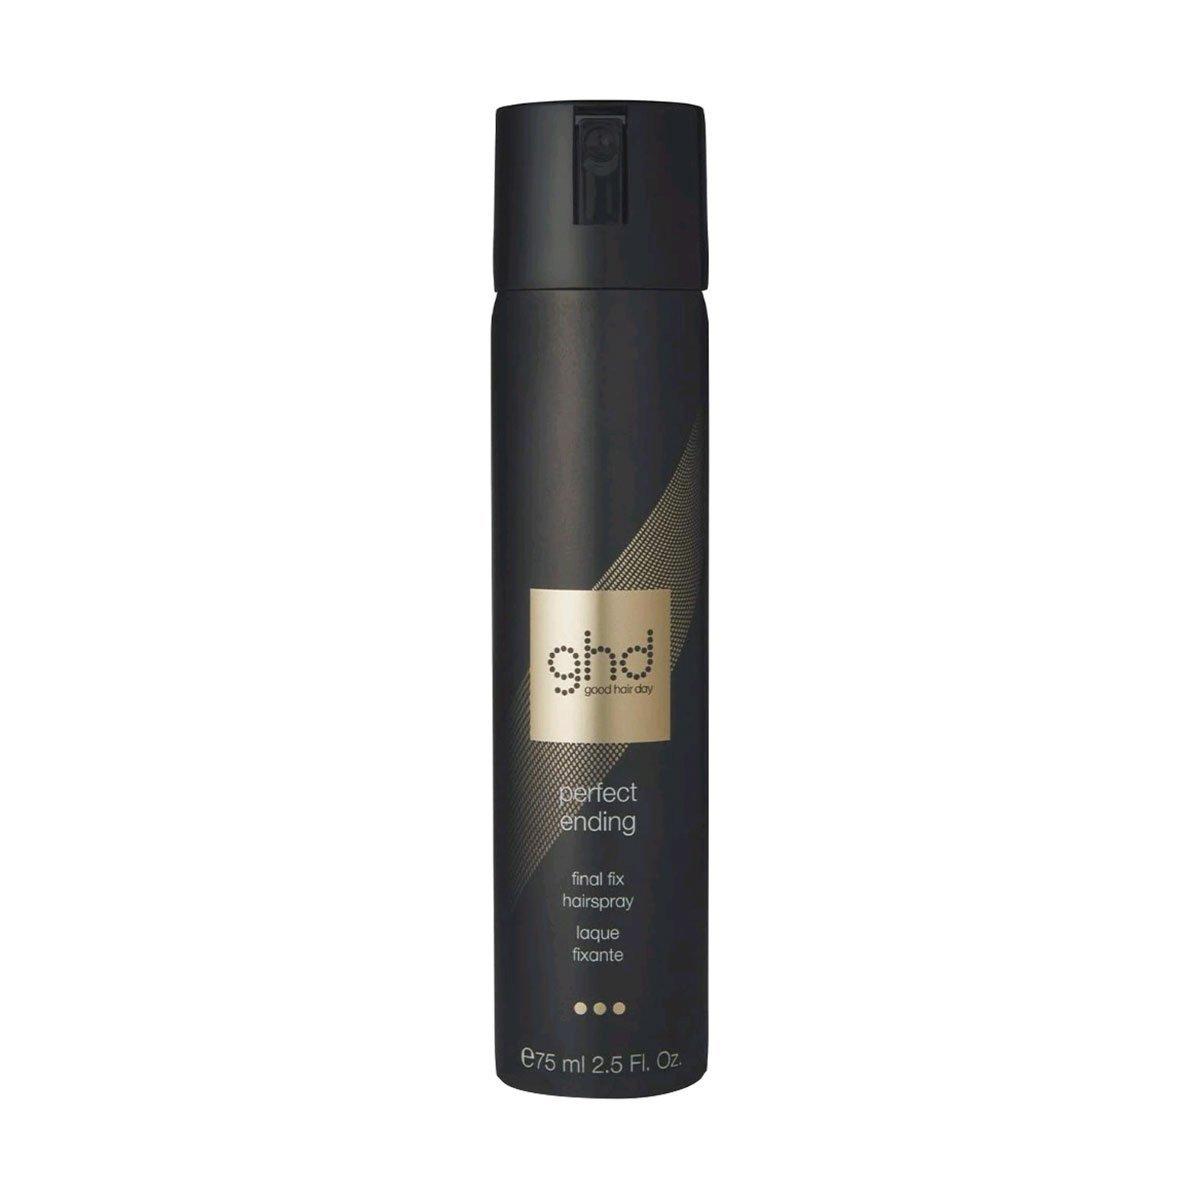 GHD Perfect Ending Final fix hairspray 75ml